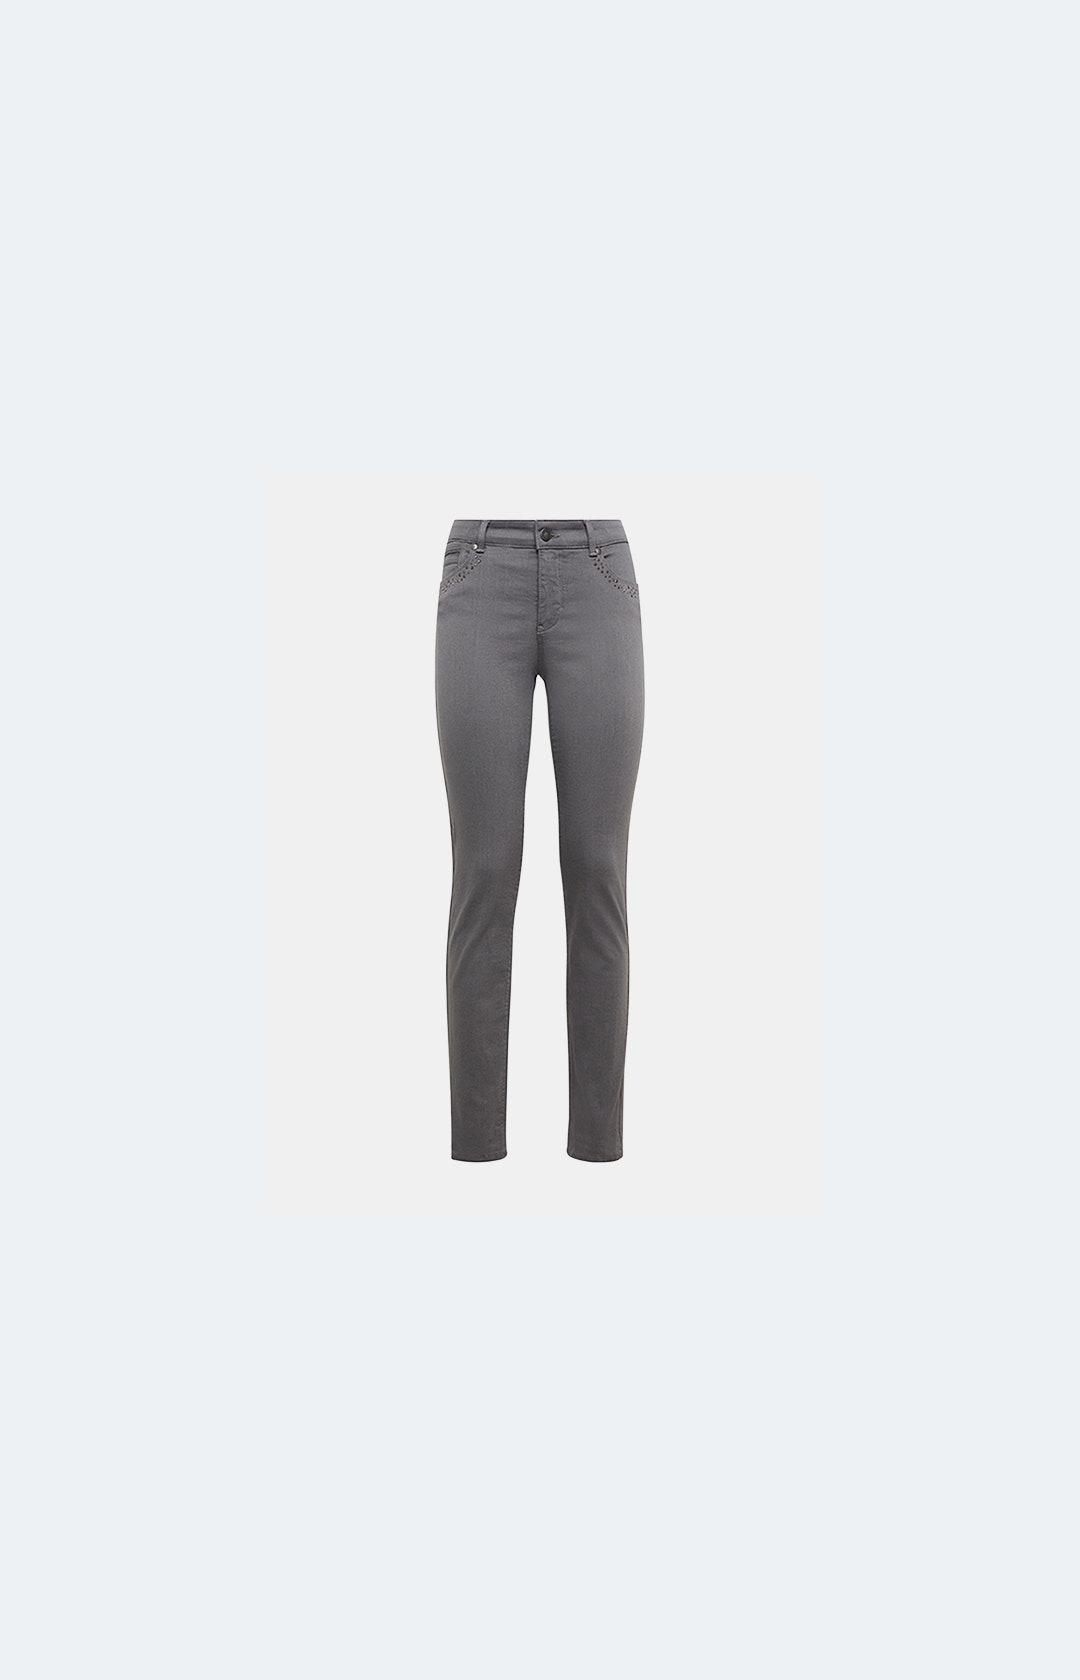 Jeans Dana grau 30inch